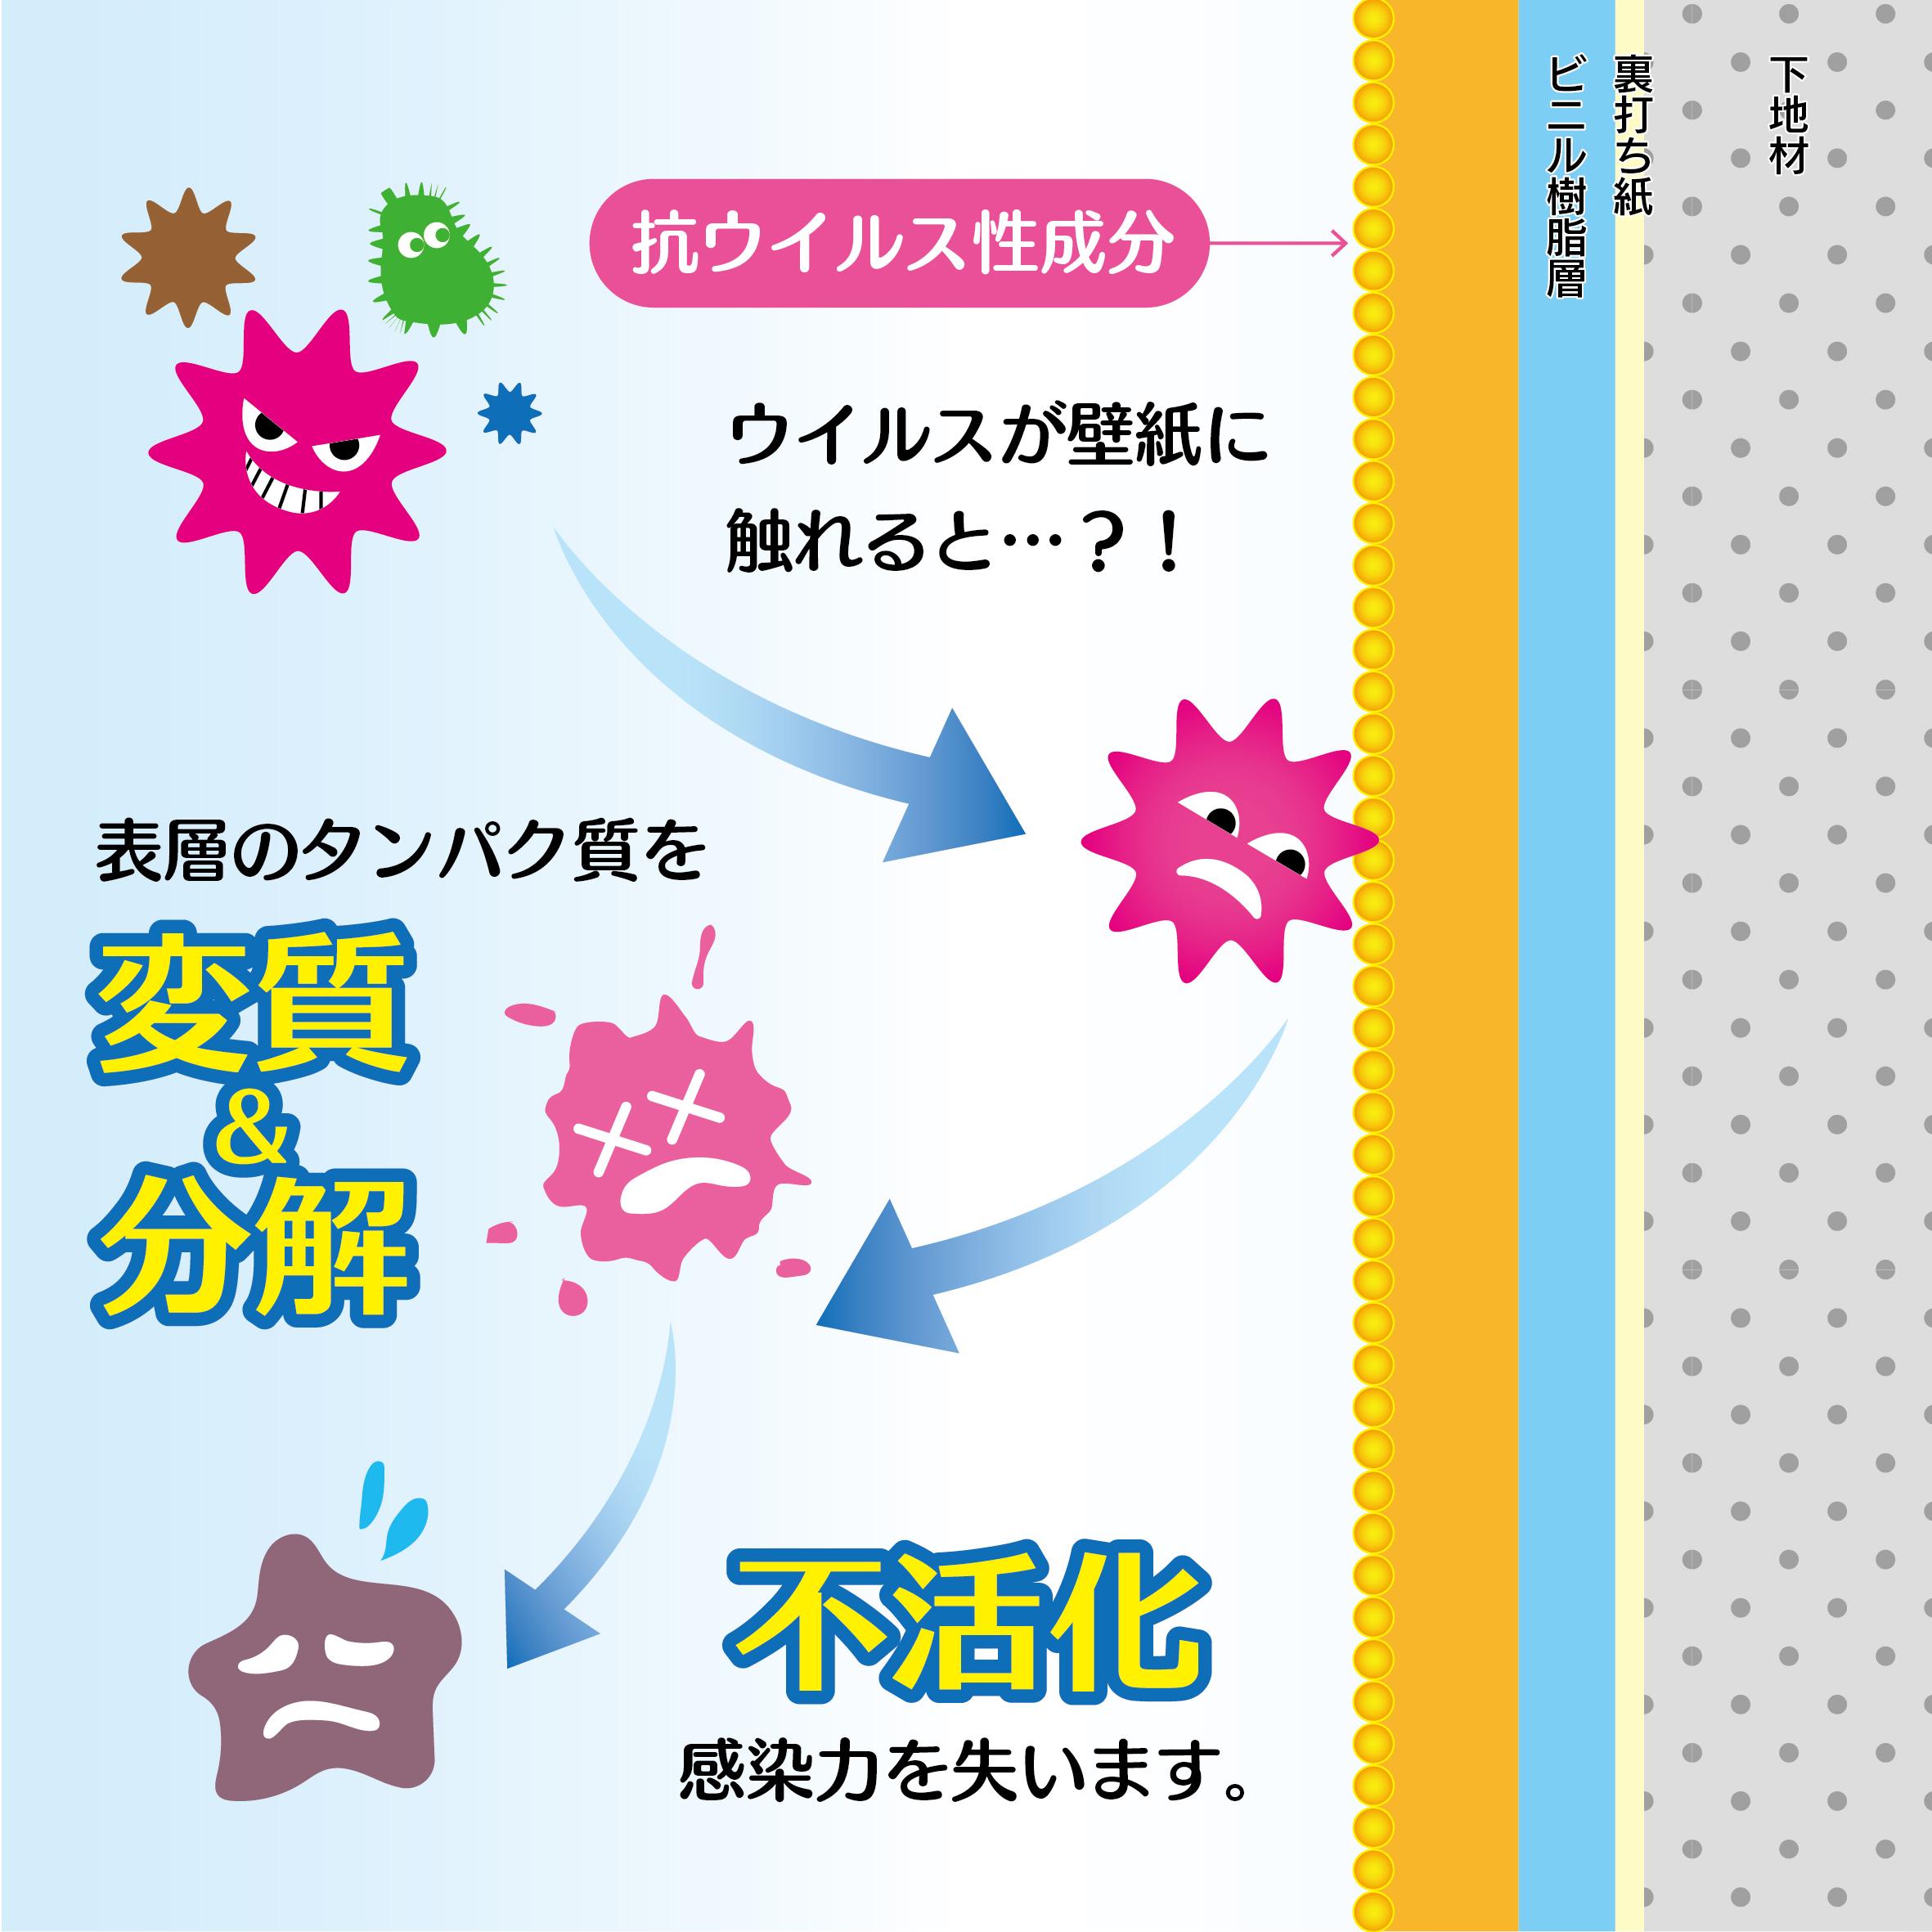 ウイルス 試験 抗 【オンラインセミナー】抗ウイルス試験~超初級編~